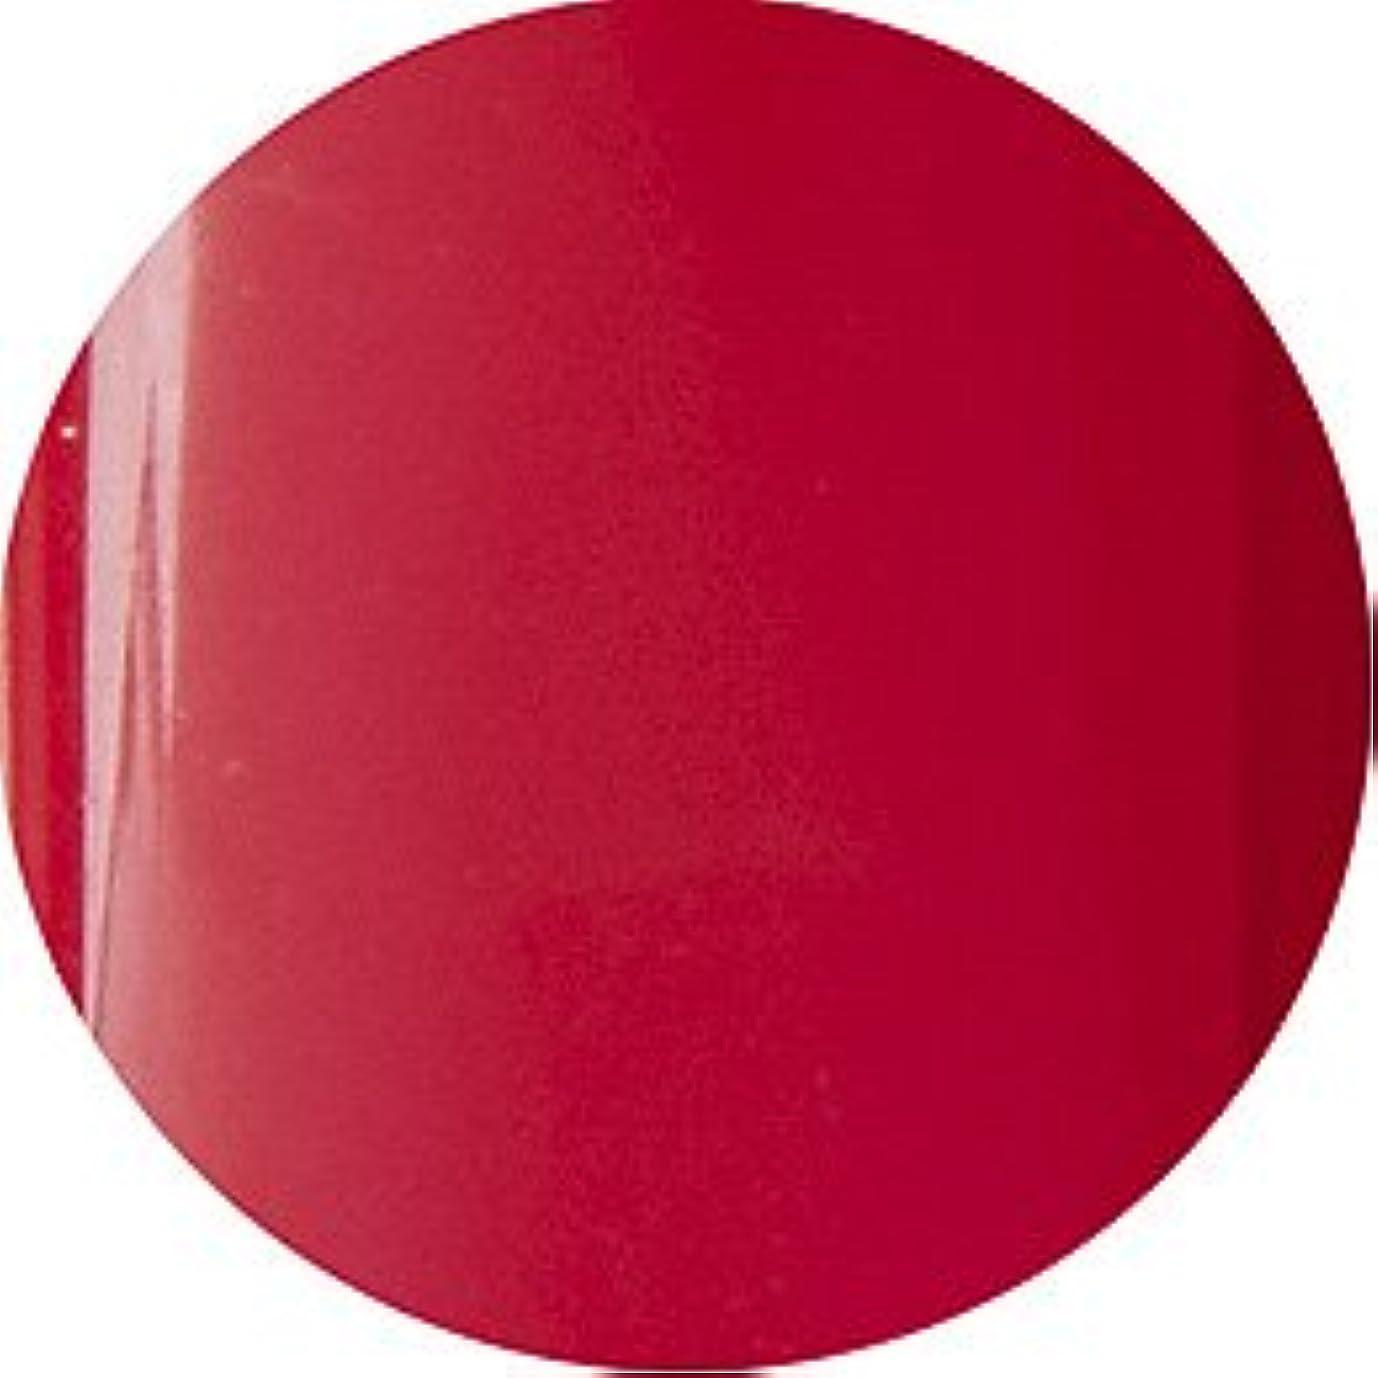 ボア現像公式CND シェラック UVカラーコート7.3ml 508 ワイルドファイヤー